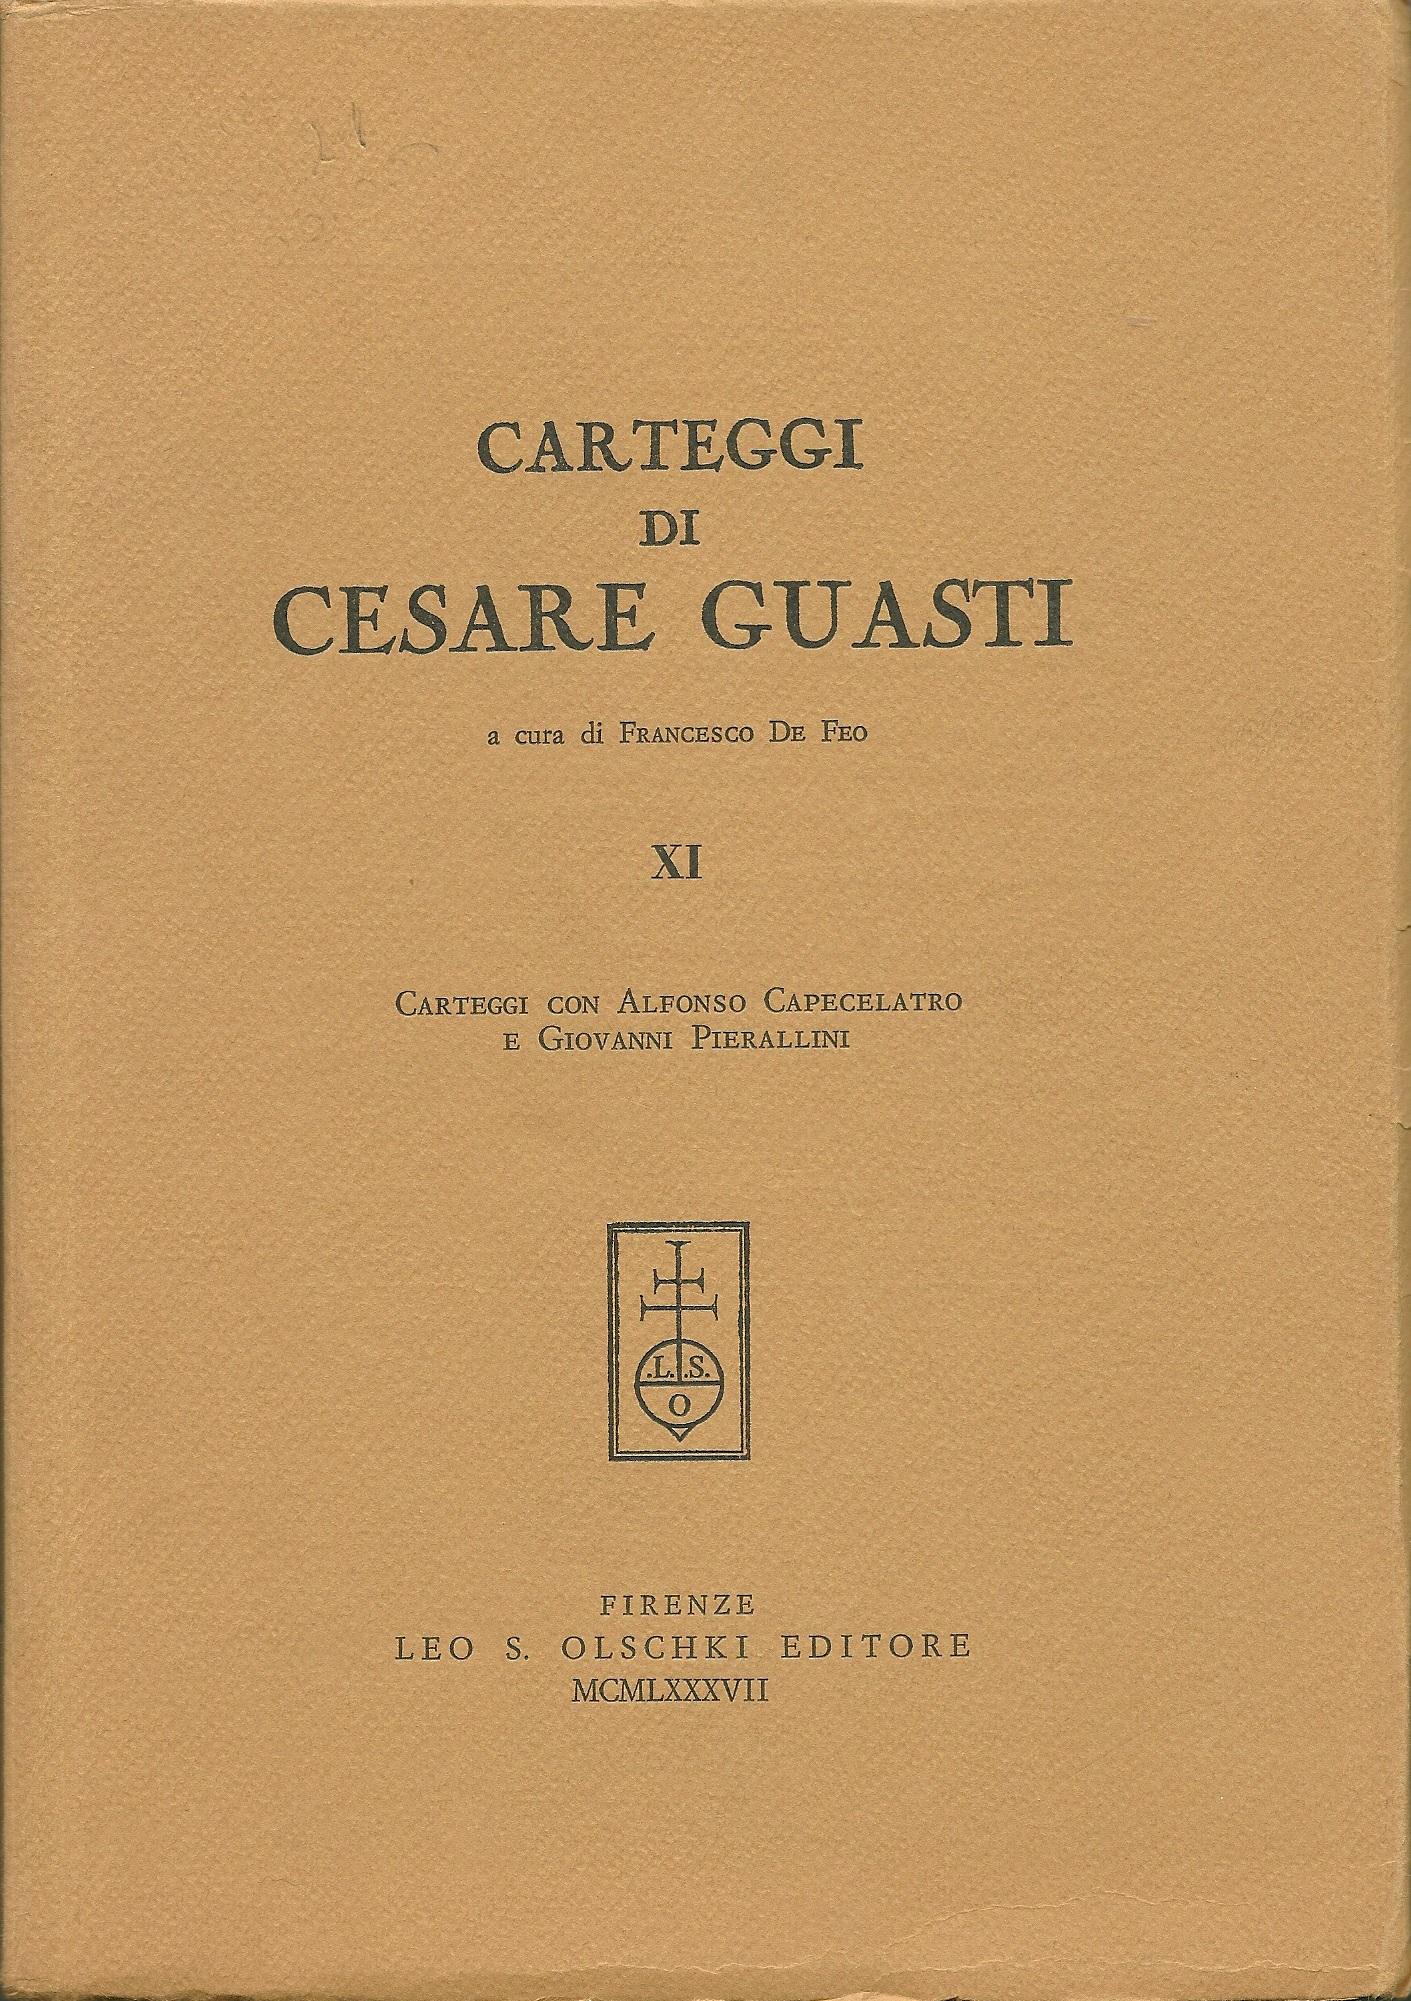 Carteggi di Cesare Guasti / Carteggi con Alfonso Capecelatro e Giovanni Pierallini